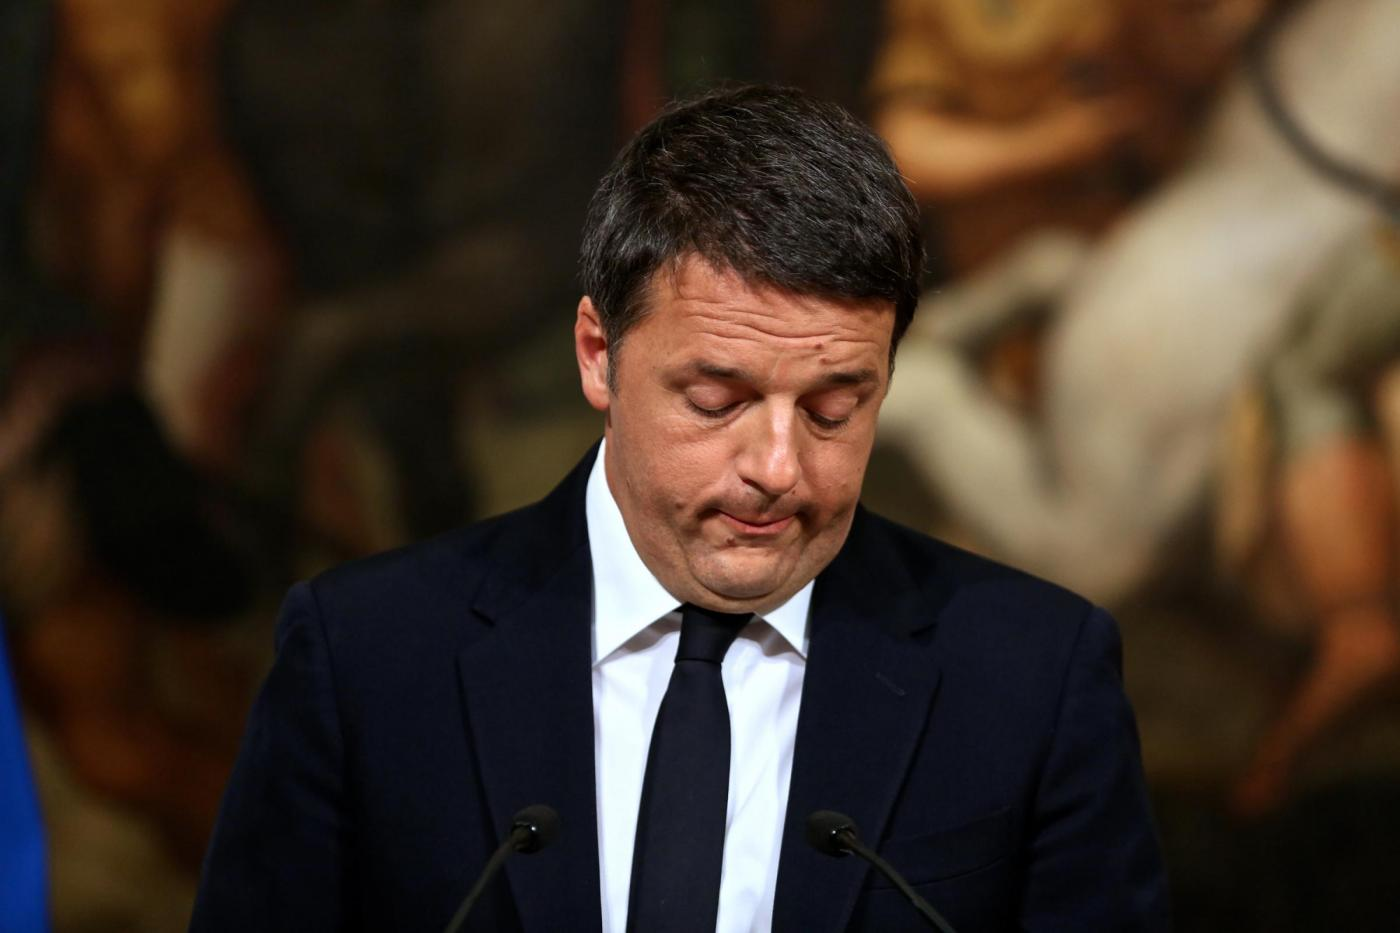 Renzi attacca il Movimento 5 Stelle: 'È un algoritmo, non un partito'